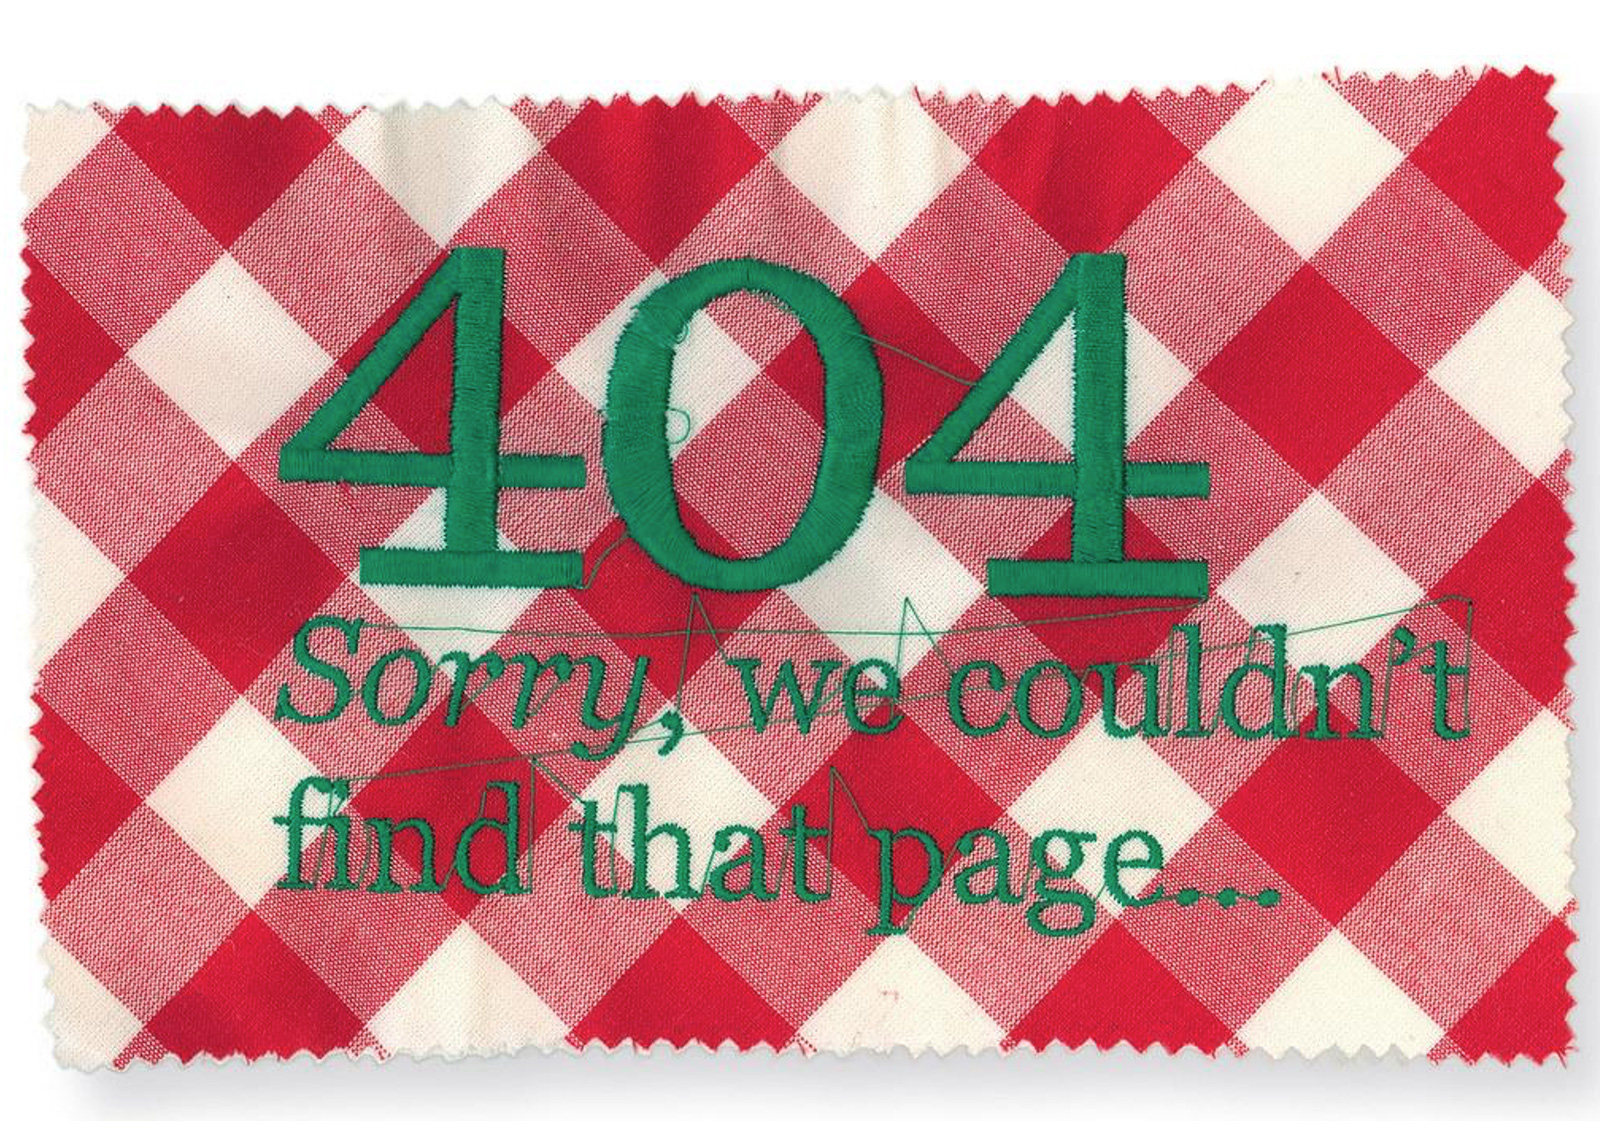 404-error-page- image